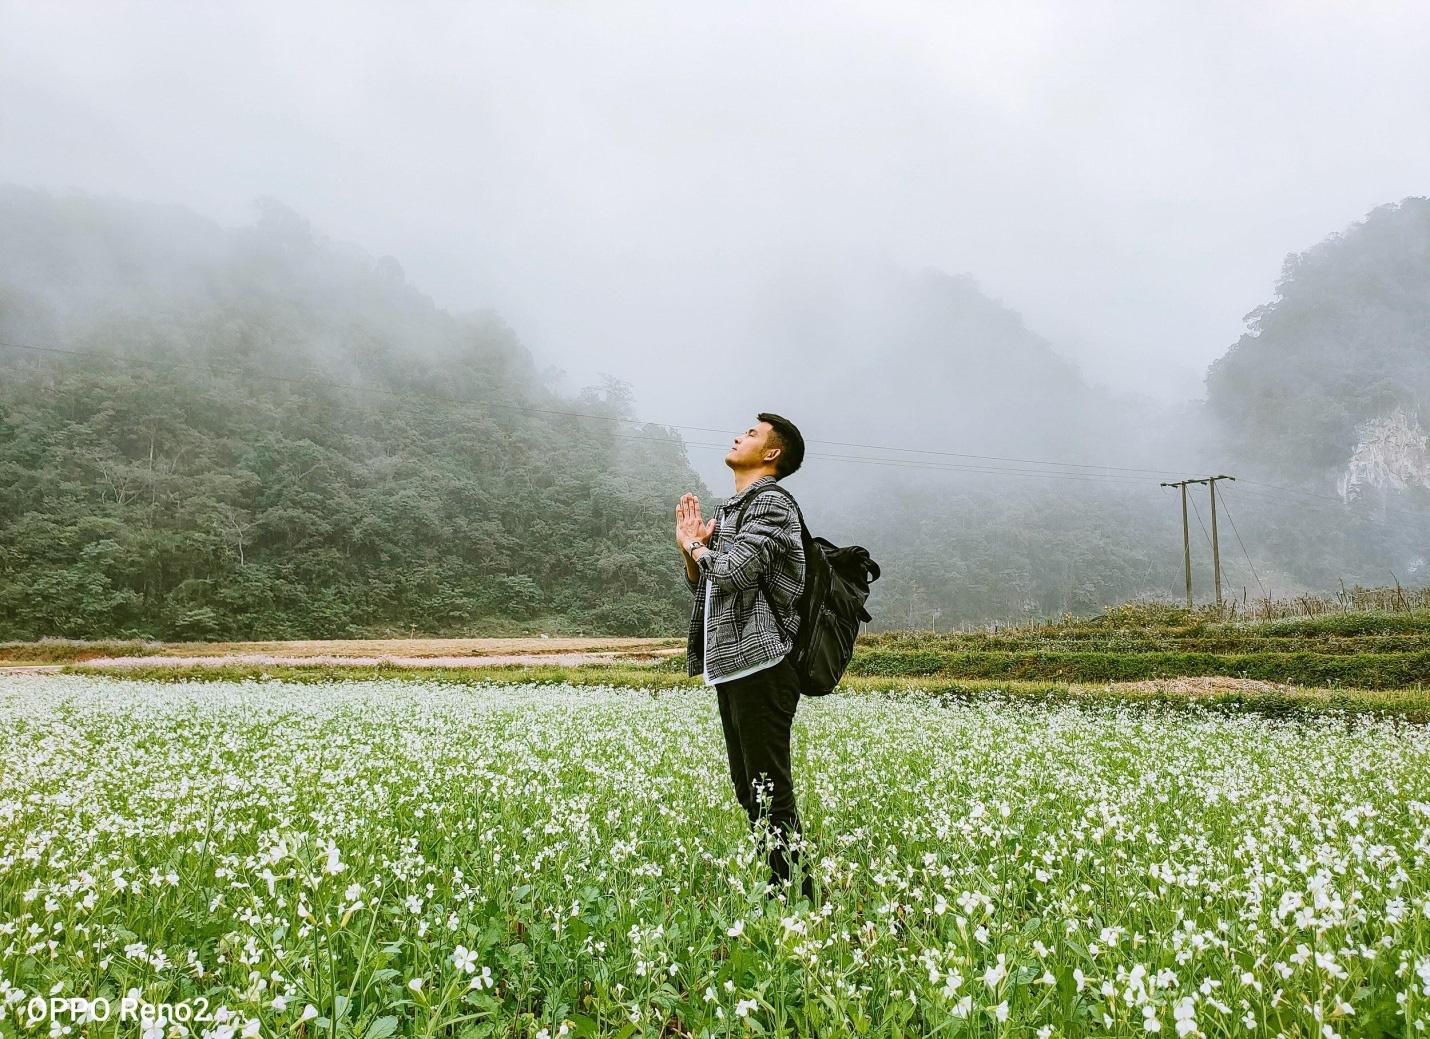 Có rất nhiều điểm để bạn chiêm ngưỡng những cánh đồng cải trắng dài bất tận nếu đi Mộc Châu tháng 11. Hình: Chan La Cà